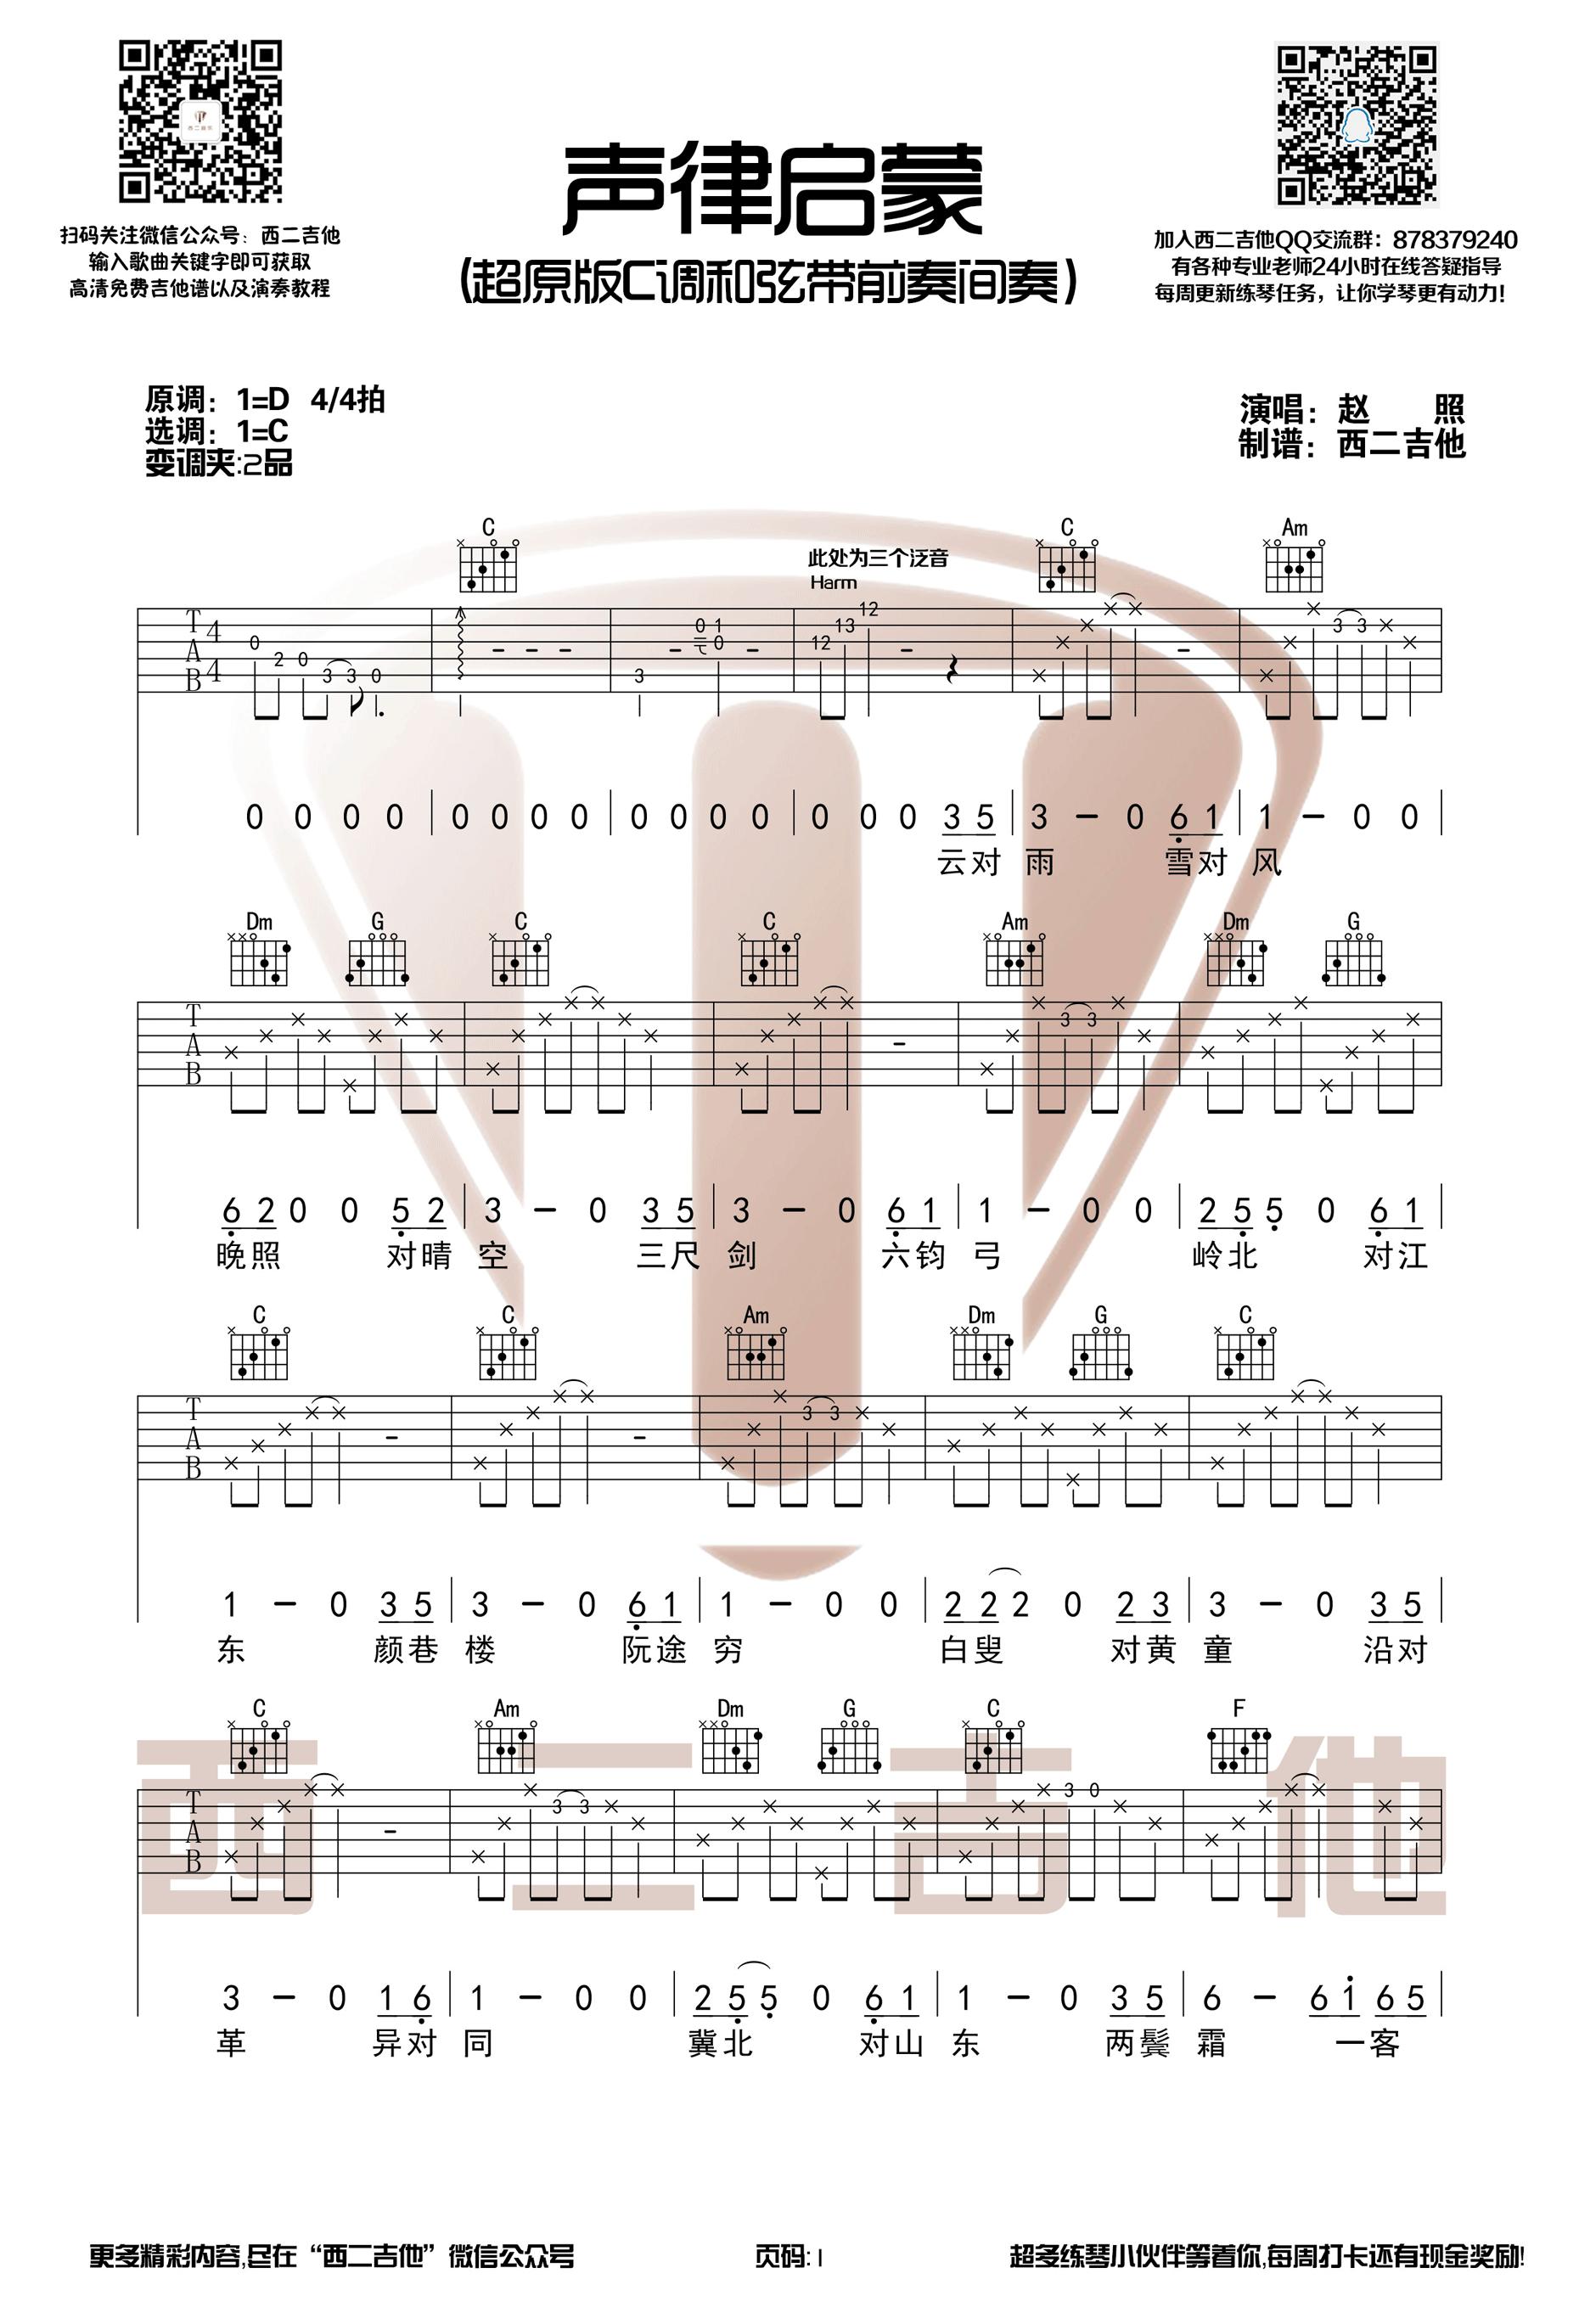 聲律啓蒙-趙照-图片吉他谱-1